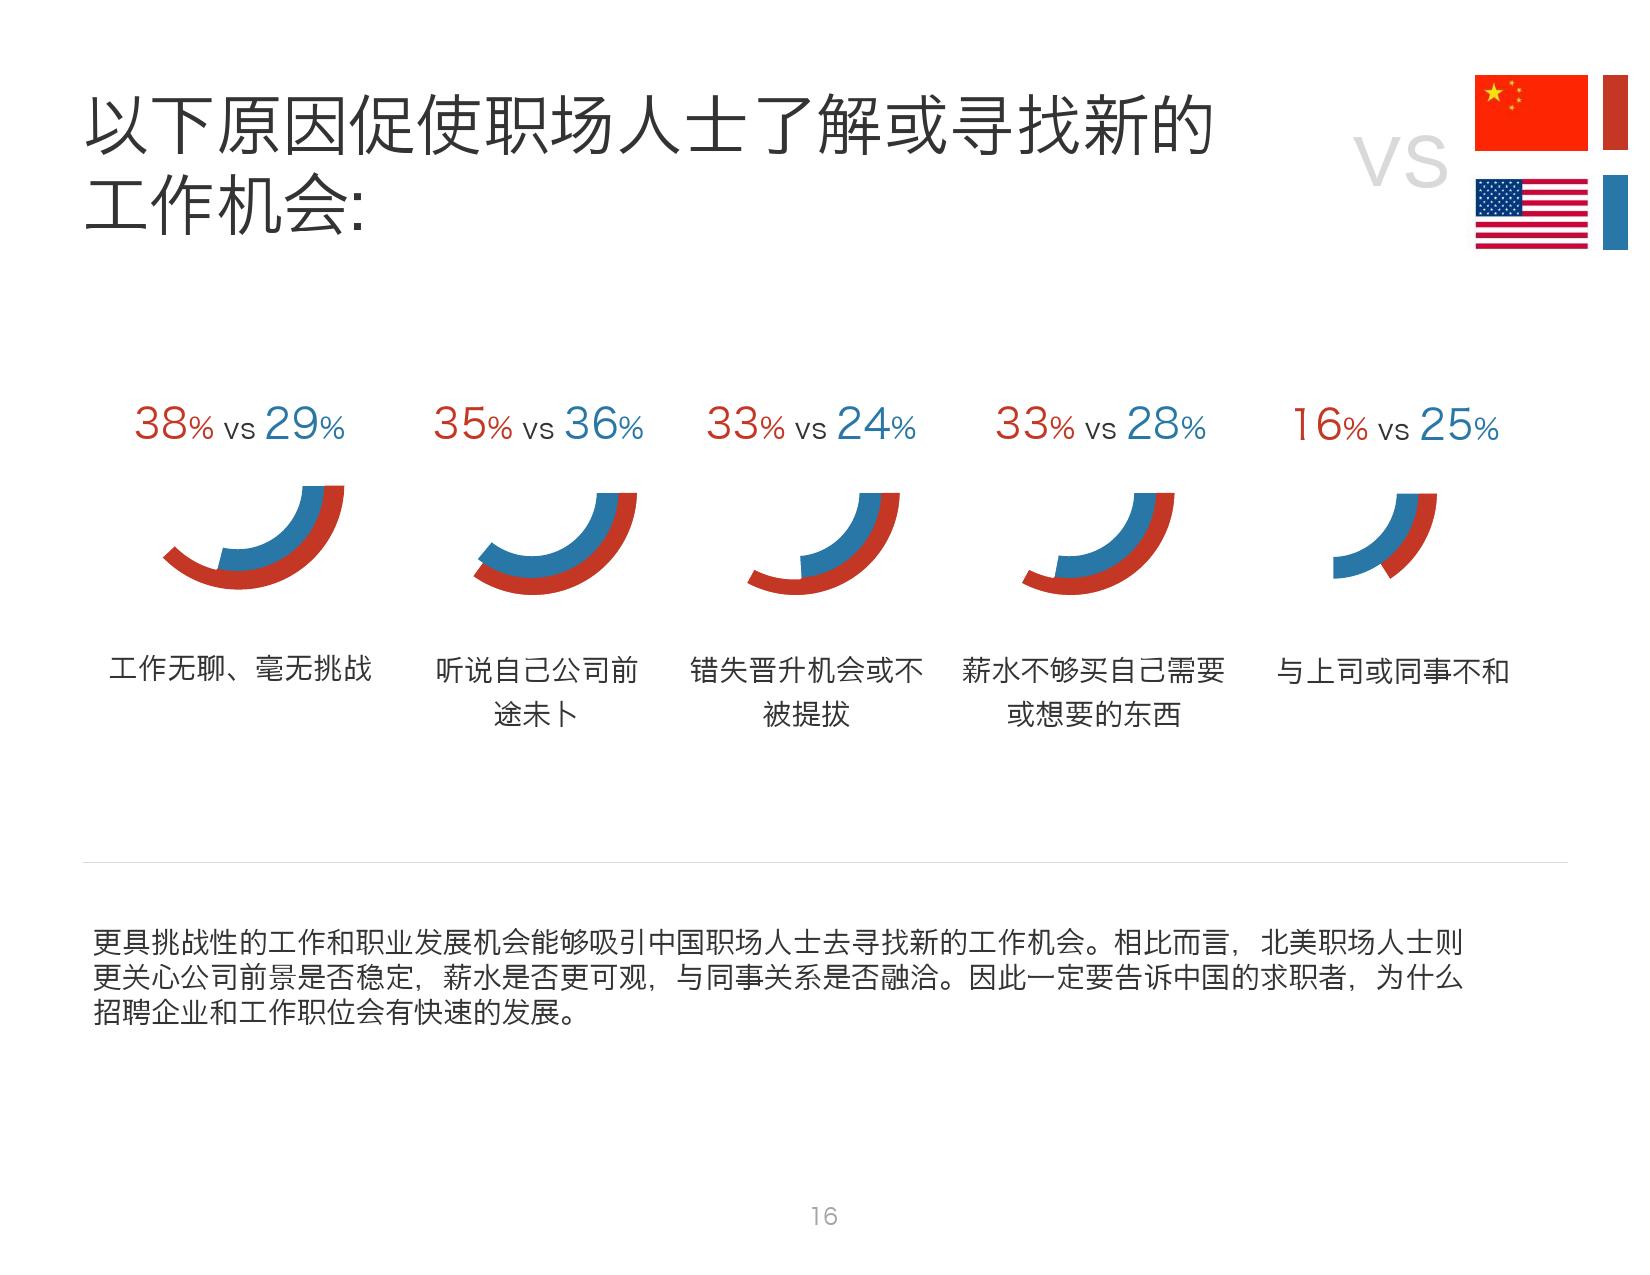 2016年中国人才趋势报告_000016